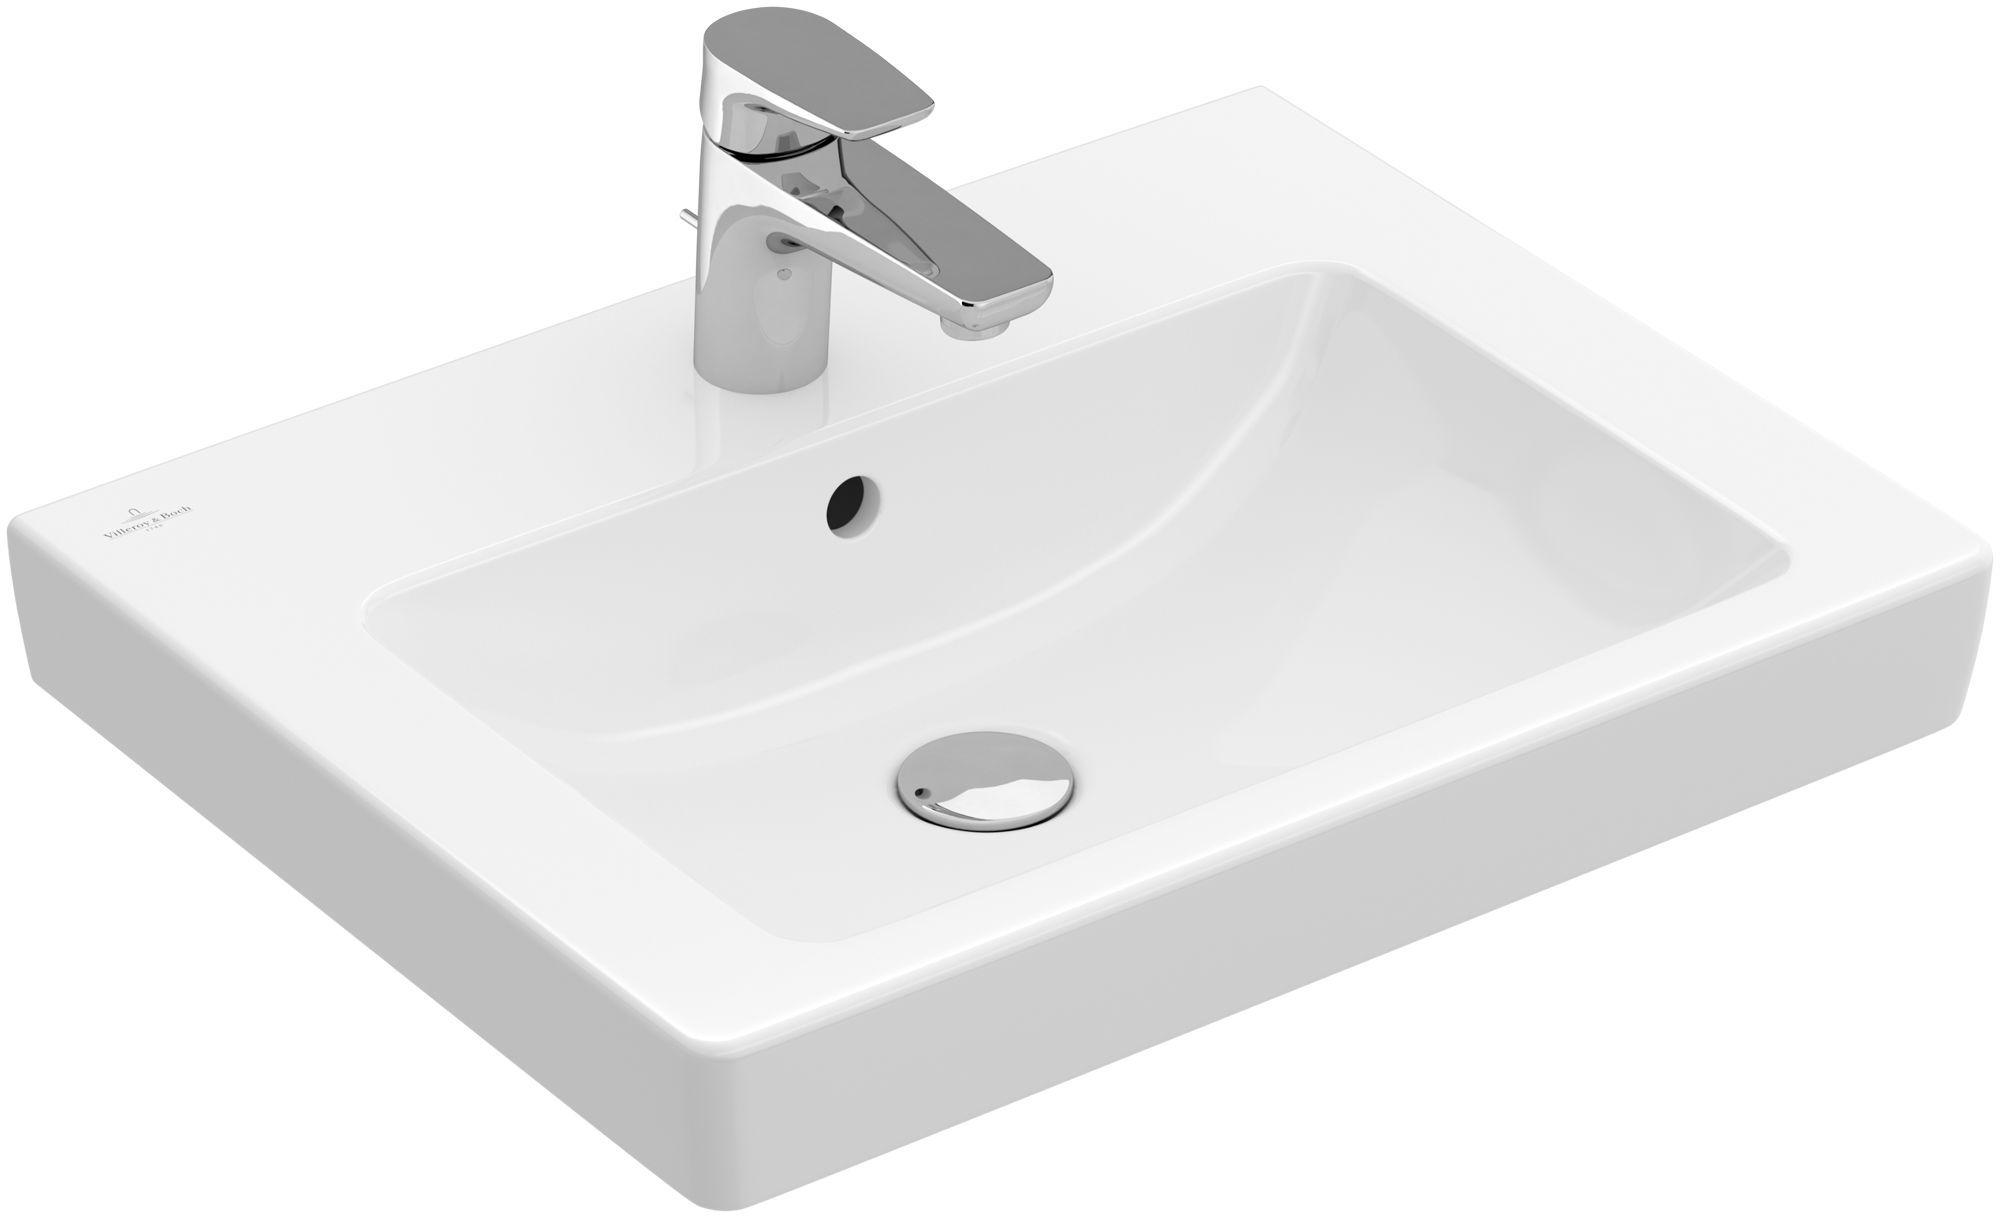 Villeroy & Boch Subway 2.0 Waschtisch B:55xT:44cm ohne Hahnloch mit Überlauf weiß mit Ceramicplus 7113F7R1